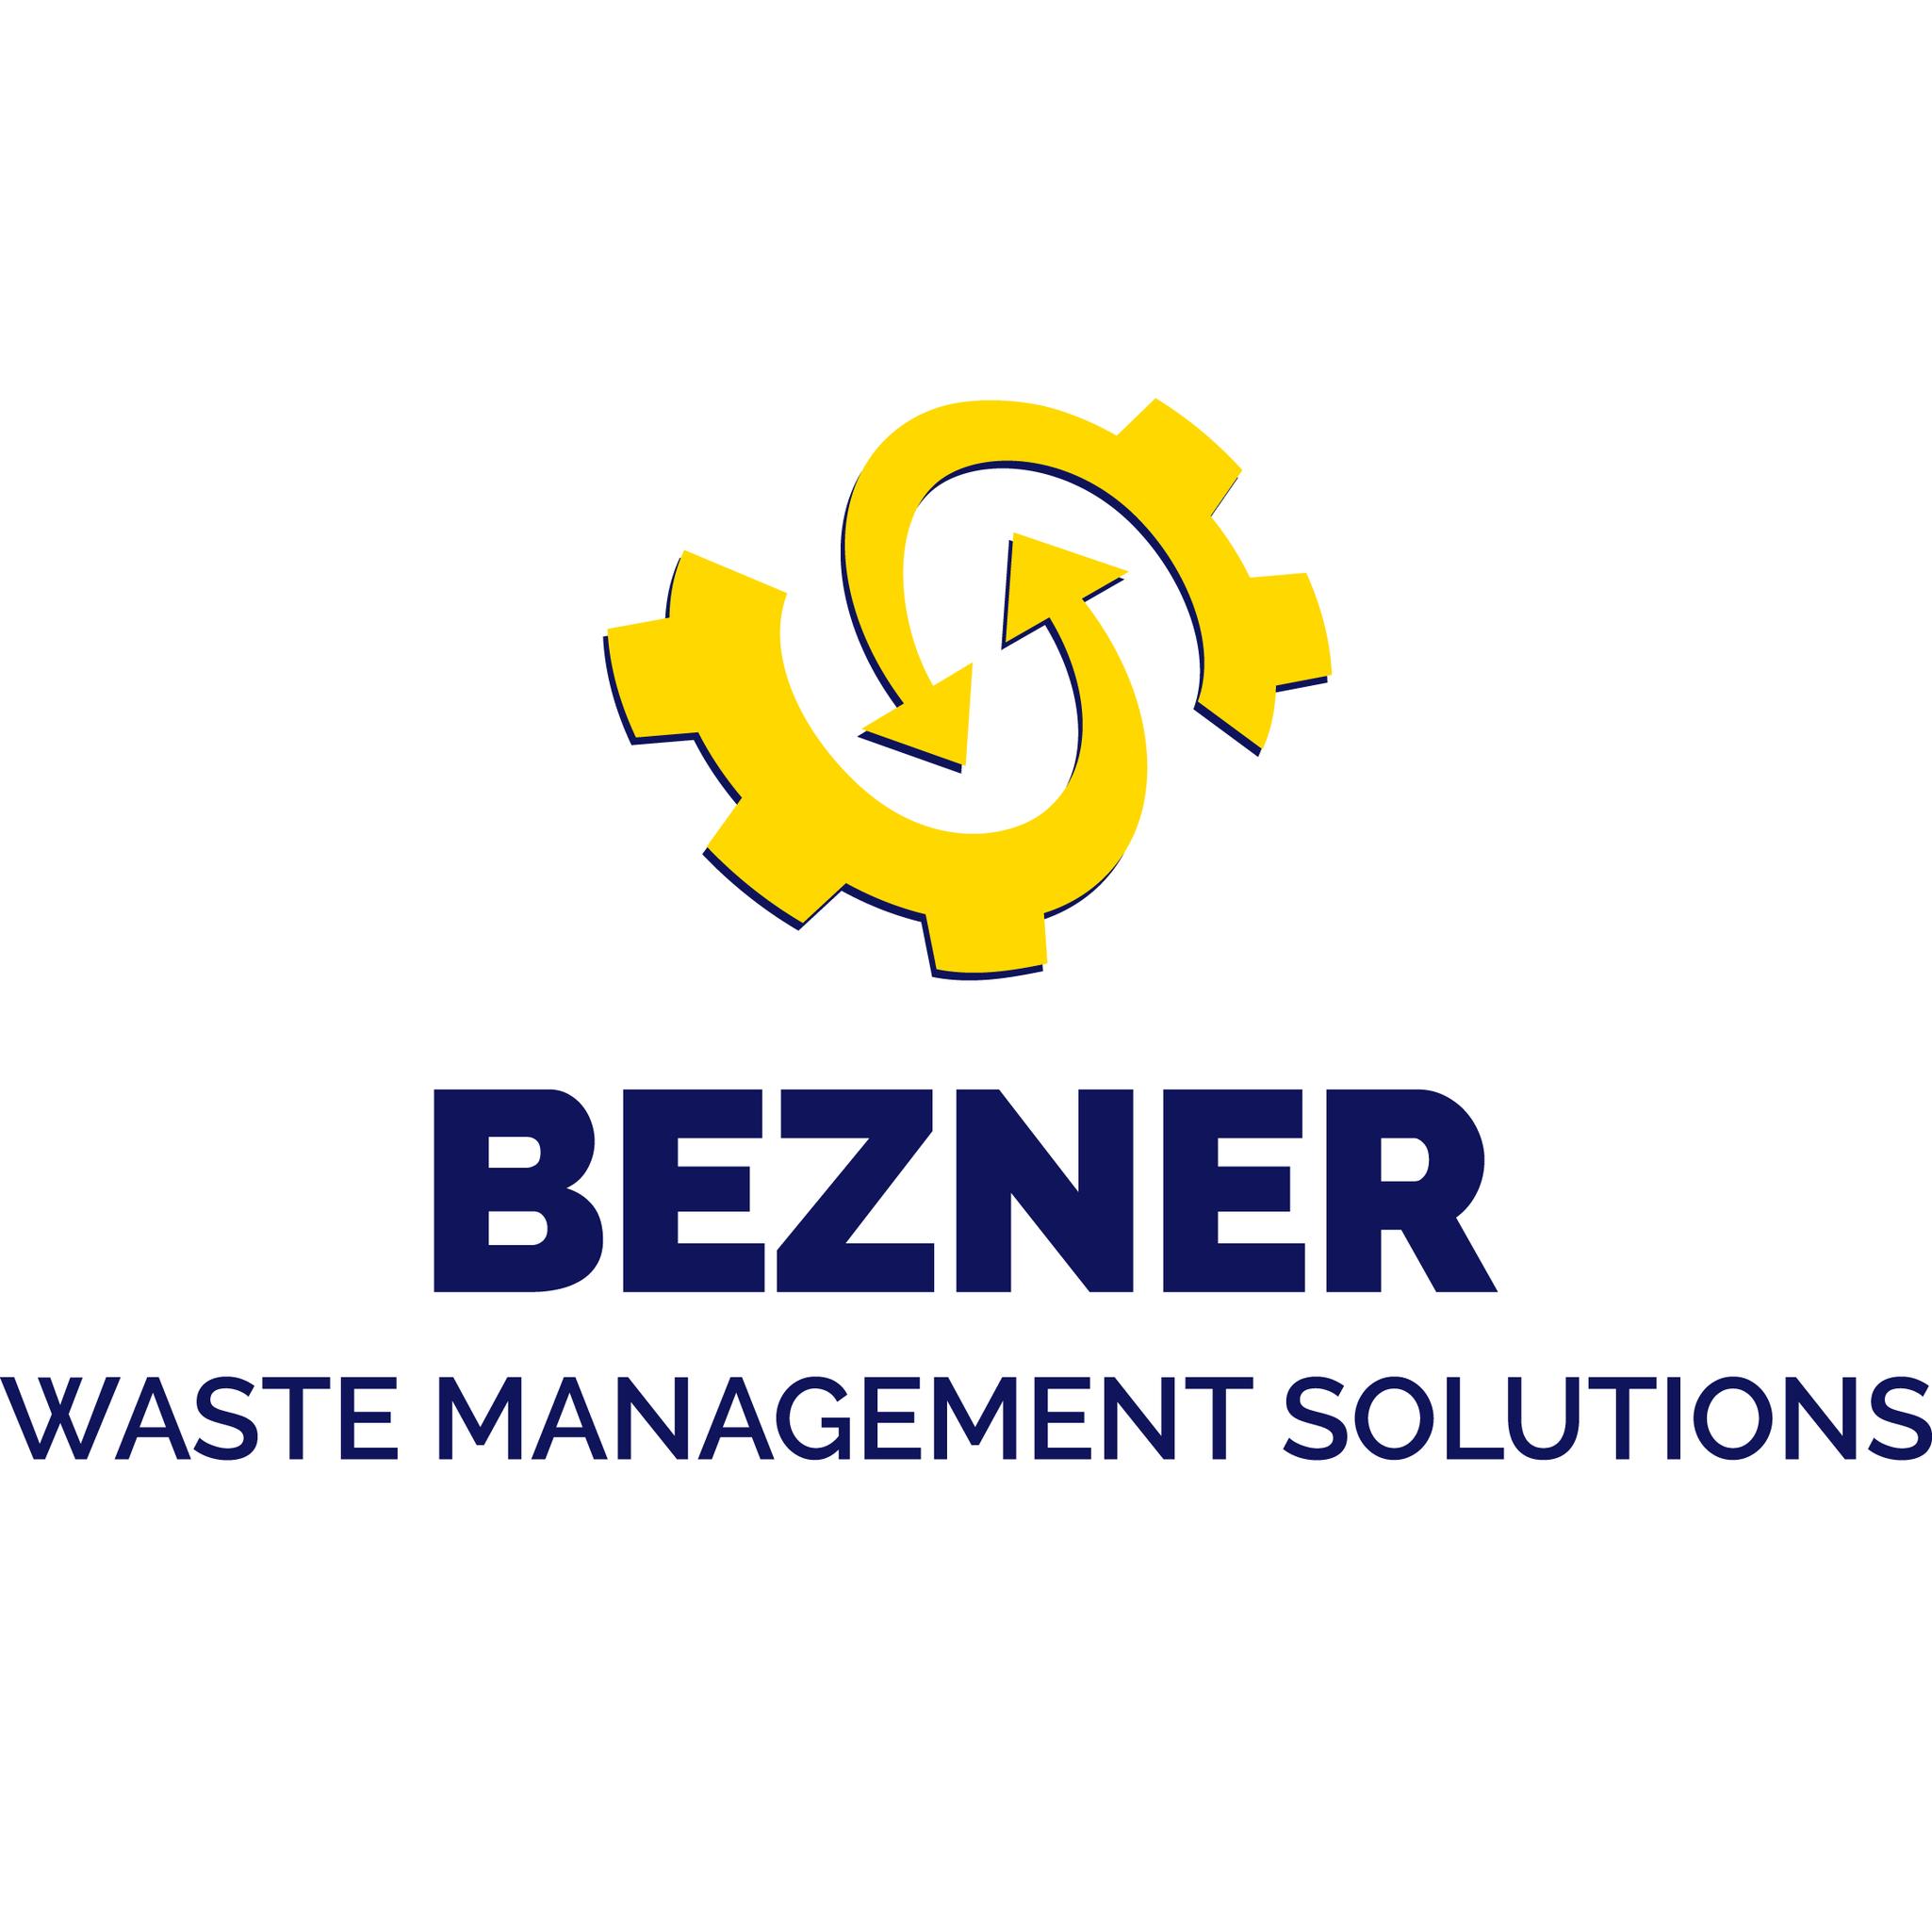 Company logo of Bezner Anlagen- und Maschinenbau GmbH